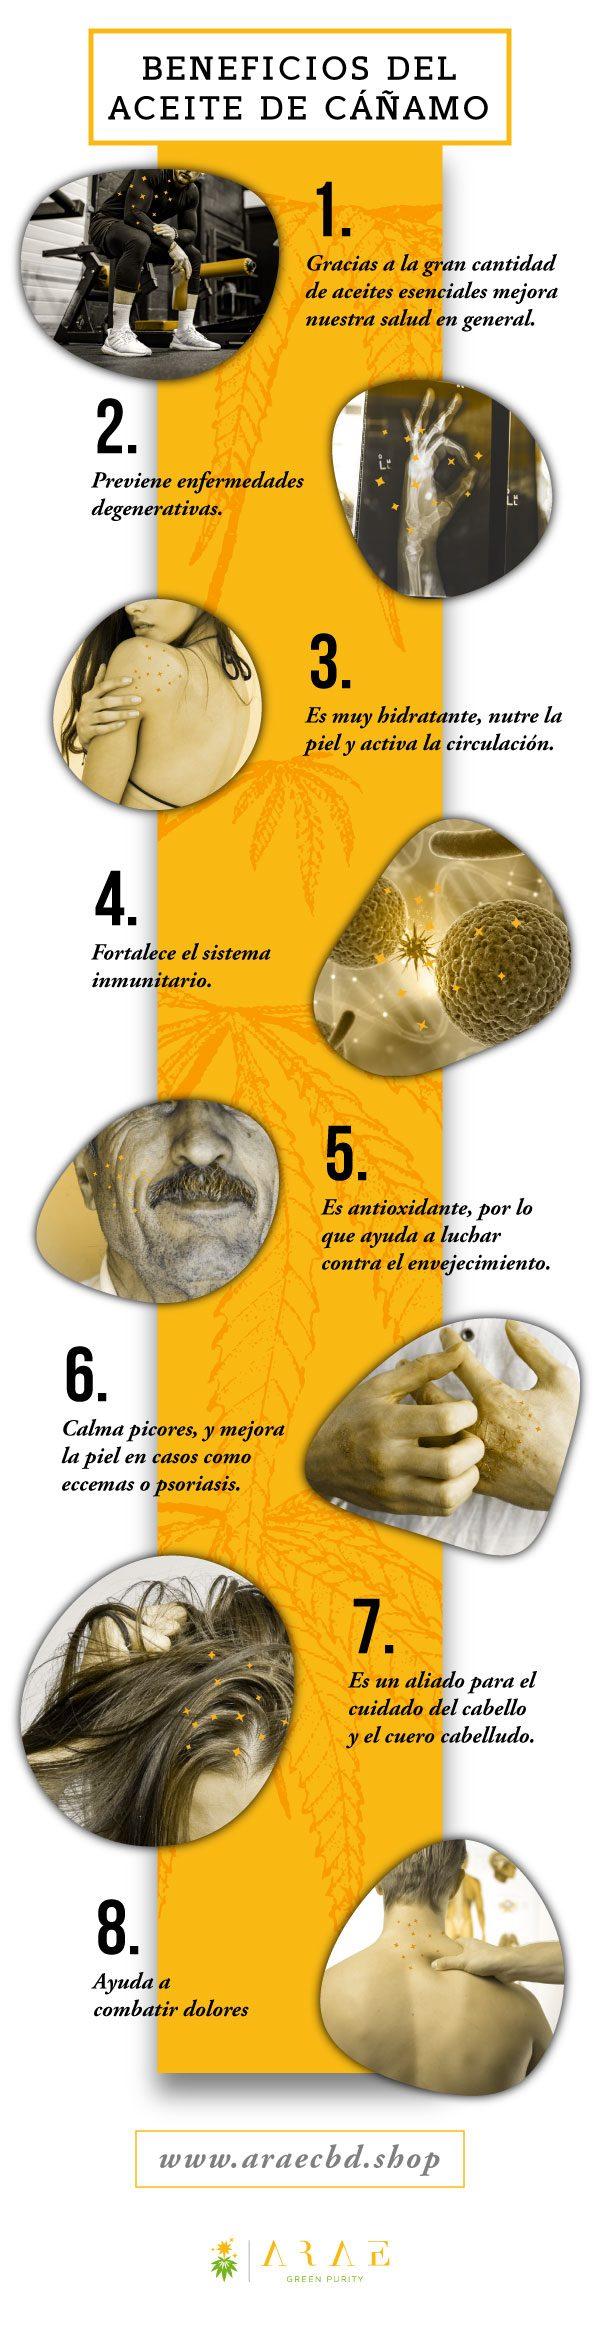 Imagen donde se ven los distintos beneficios que supone consumir aceite de cáñamo*